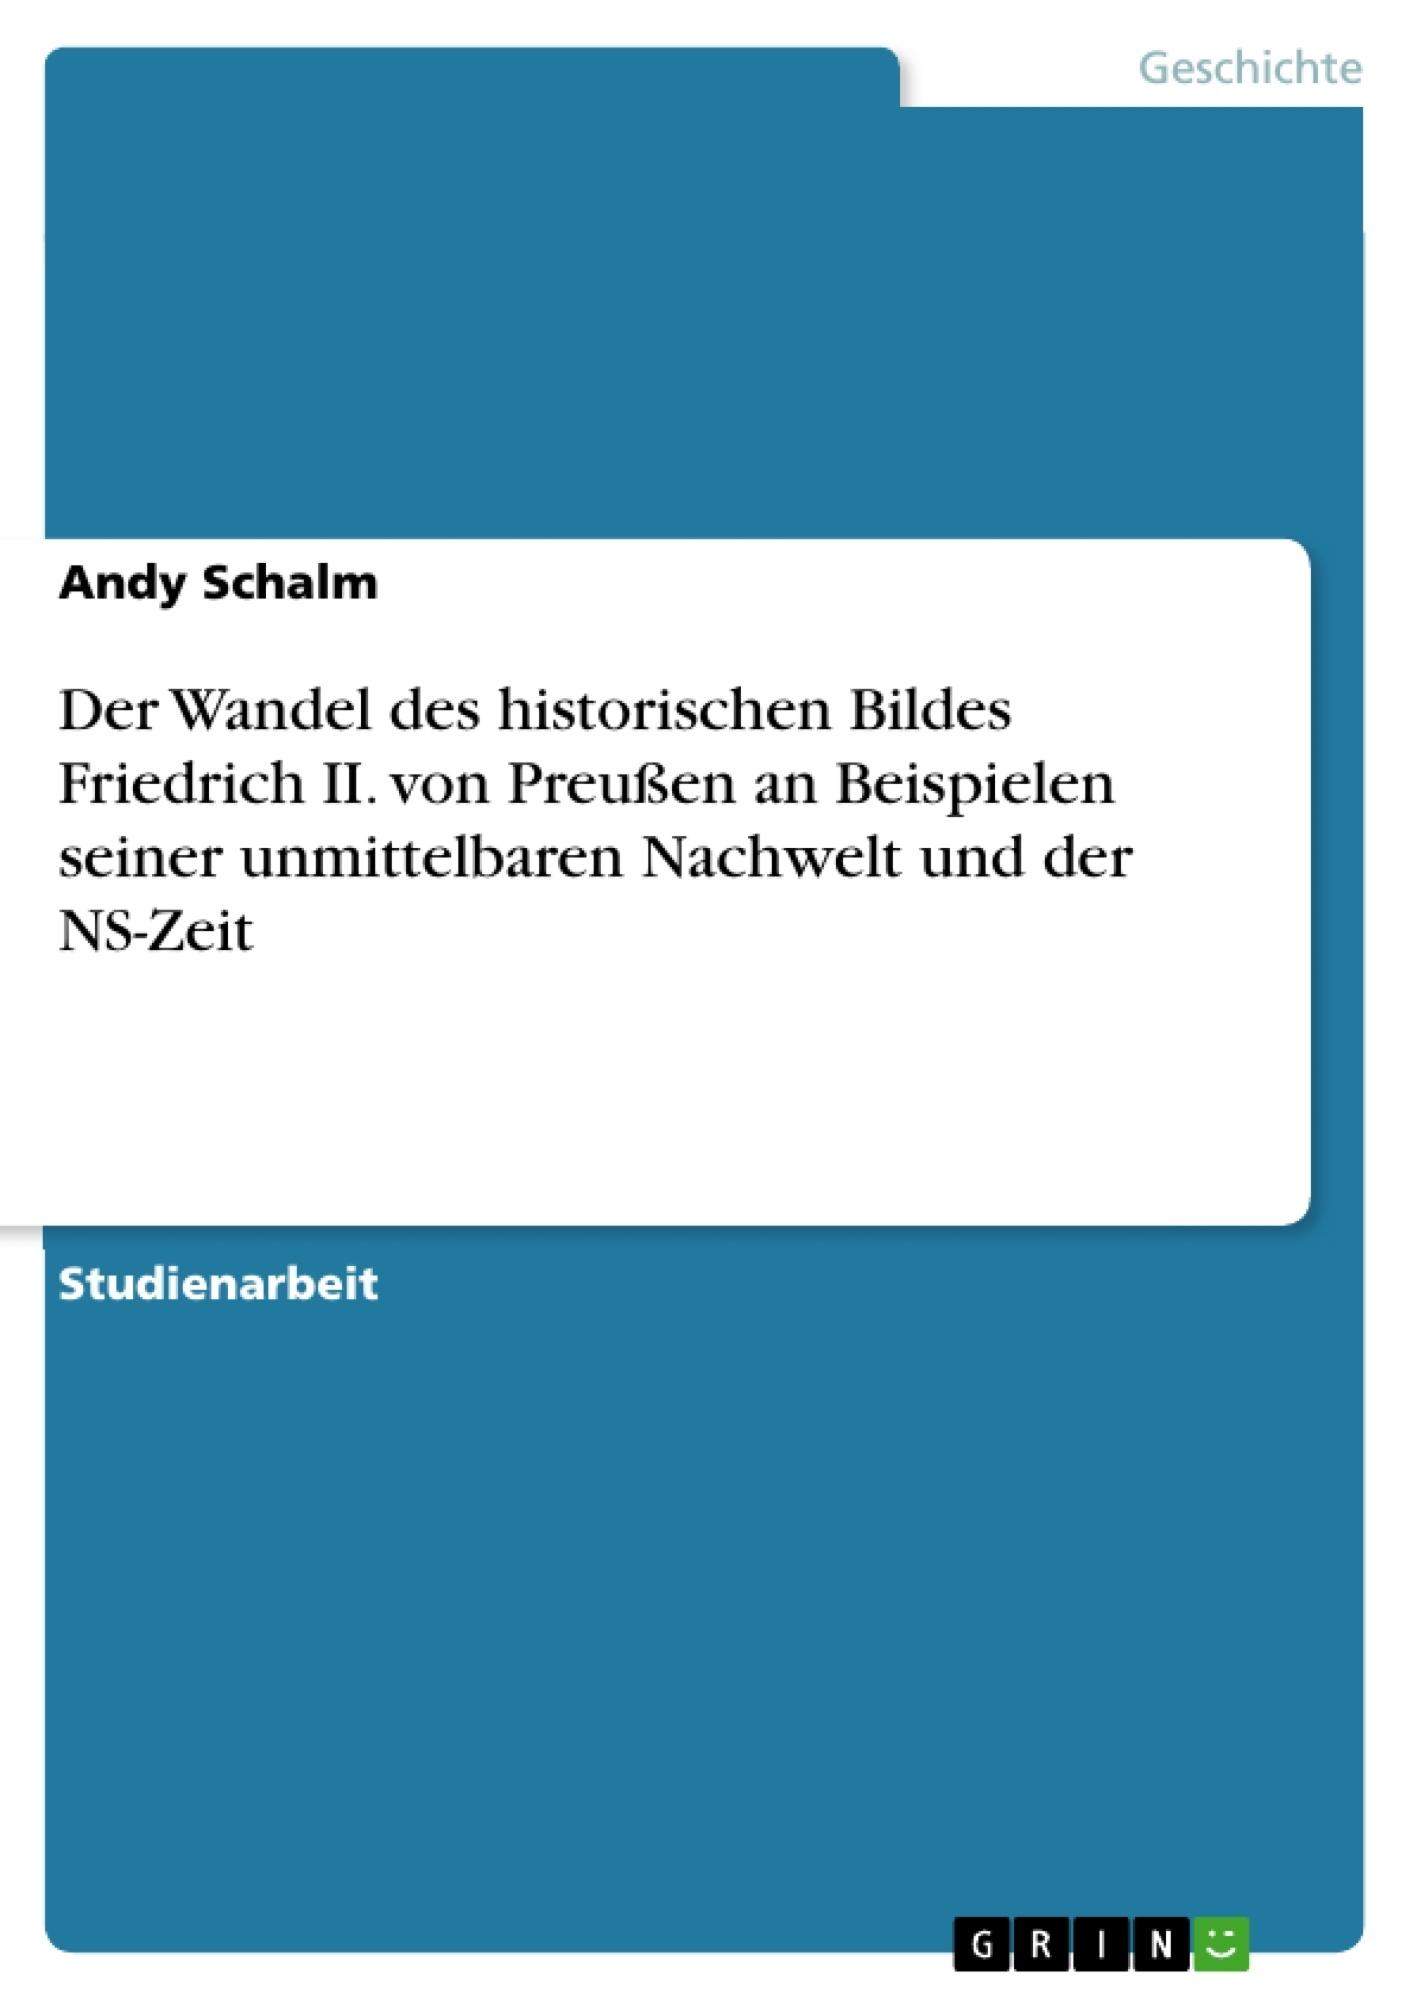 Titel: Der Wandel des historischen Bildes Friedrich II. von Preußen an Beispielen seiner unmittelbaren Nachwelt und der NS-Zeit